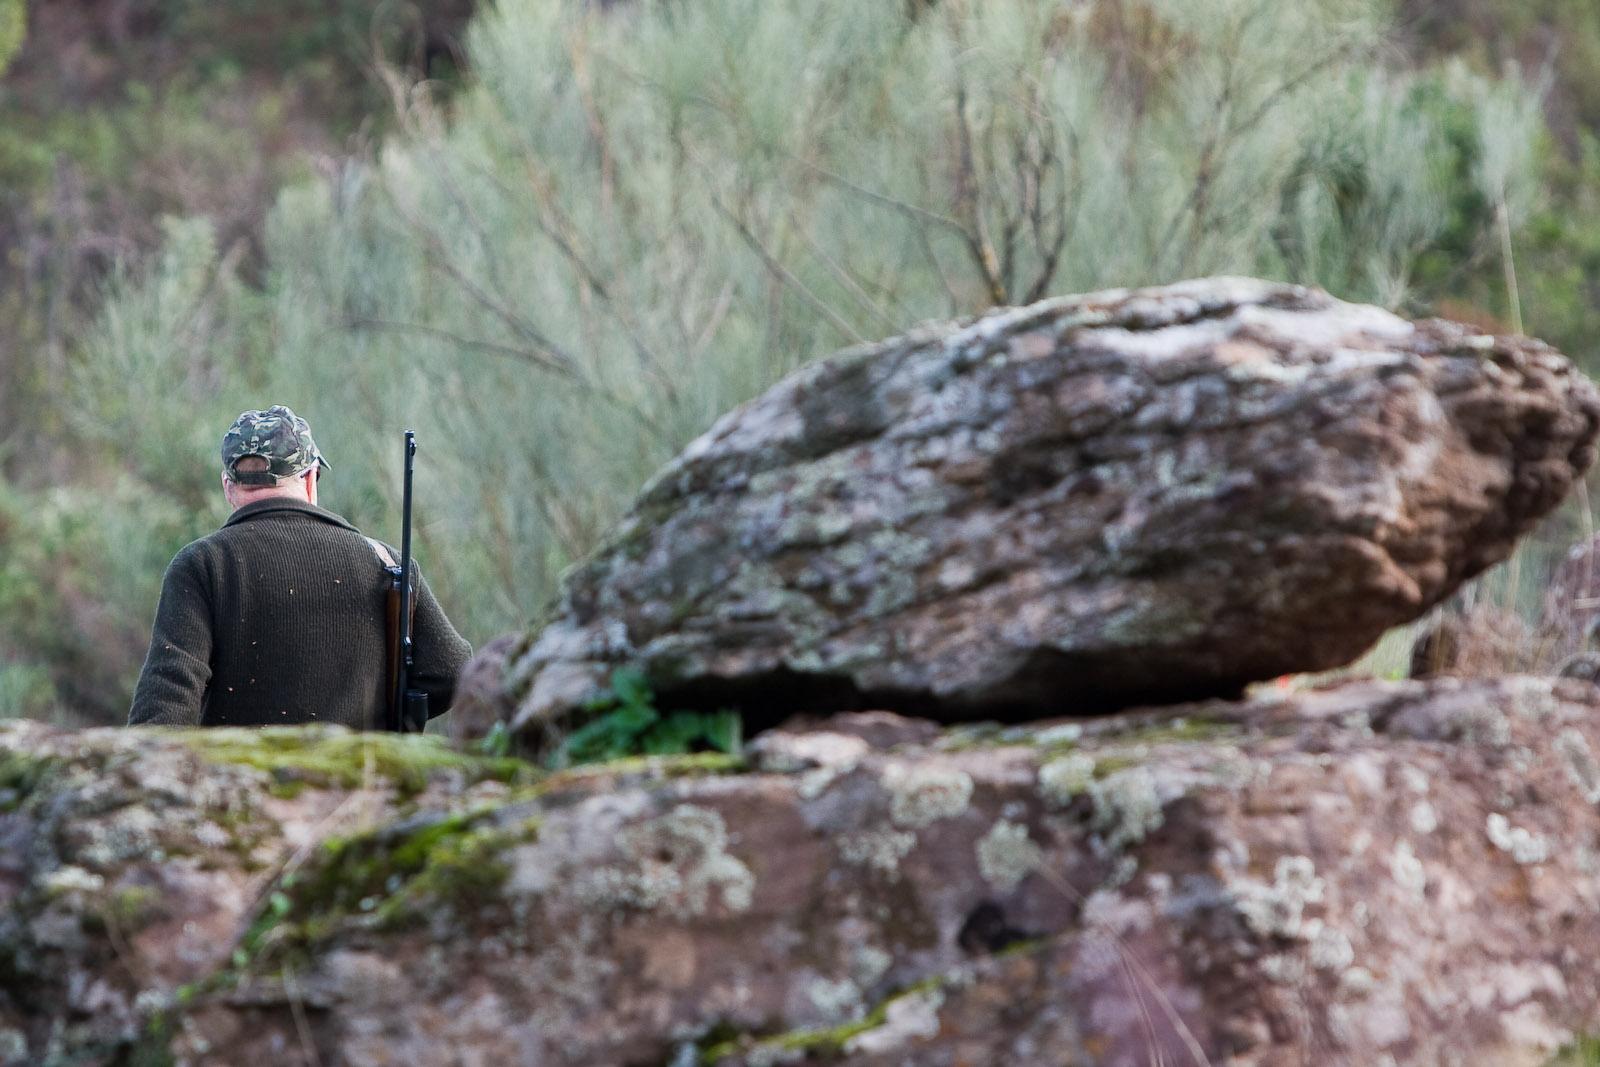 La Junta publica los periodos hábiles de caza para la temporada 2020/2021